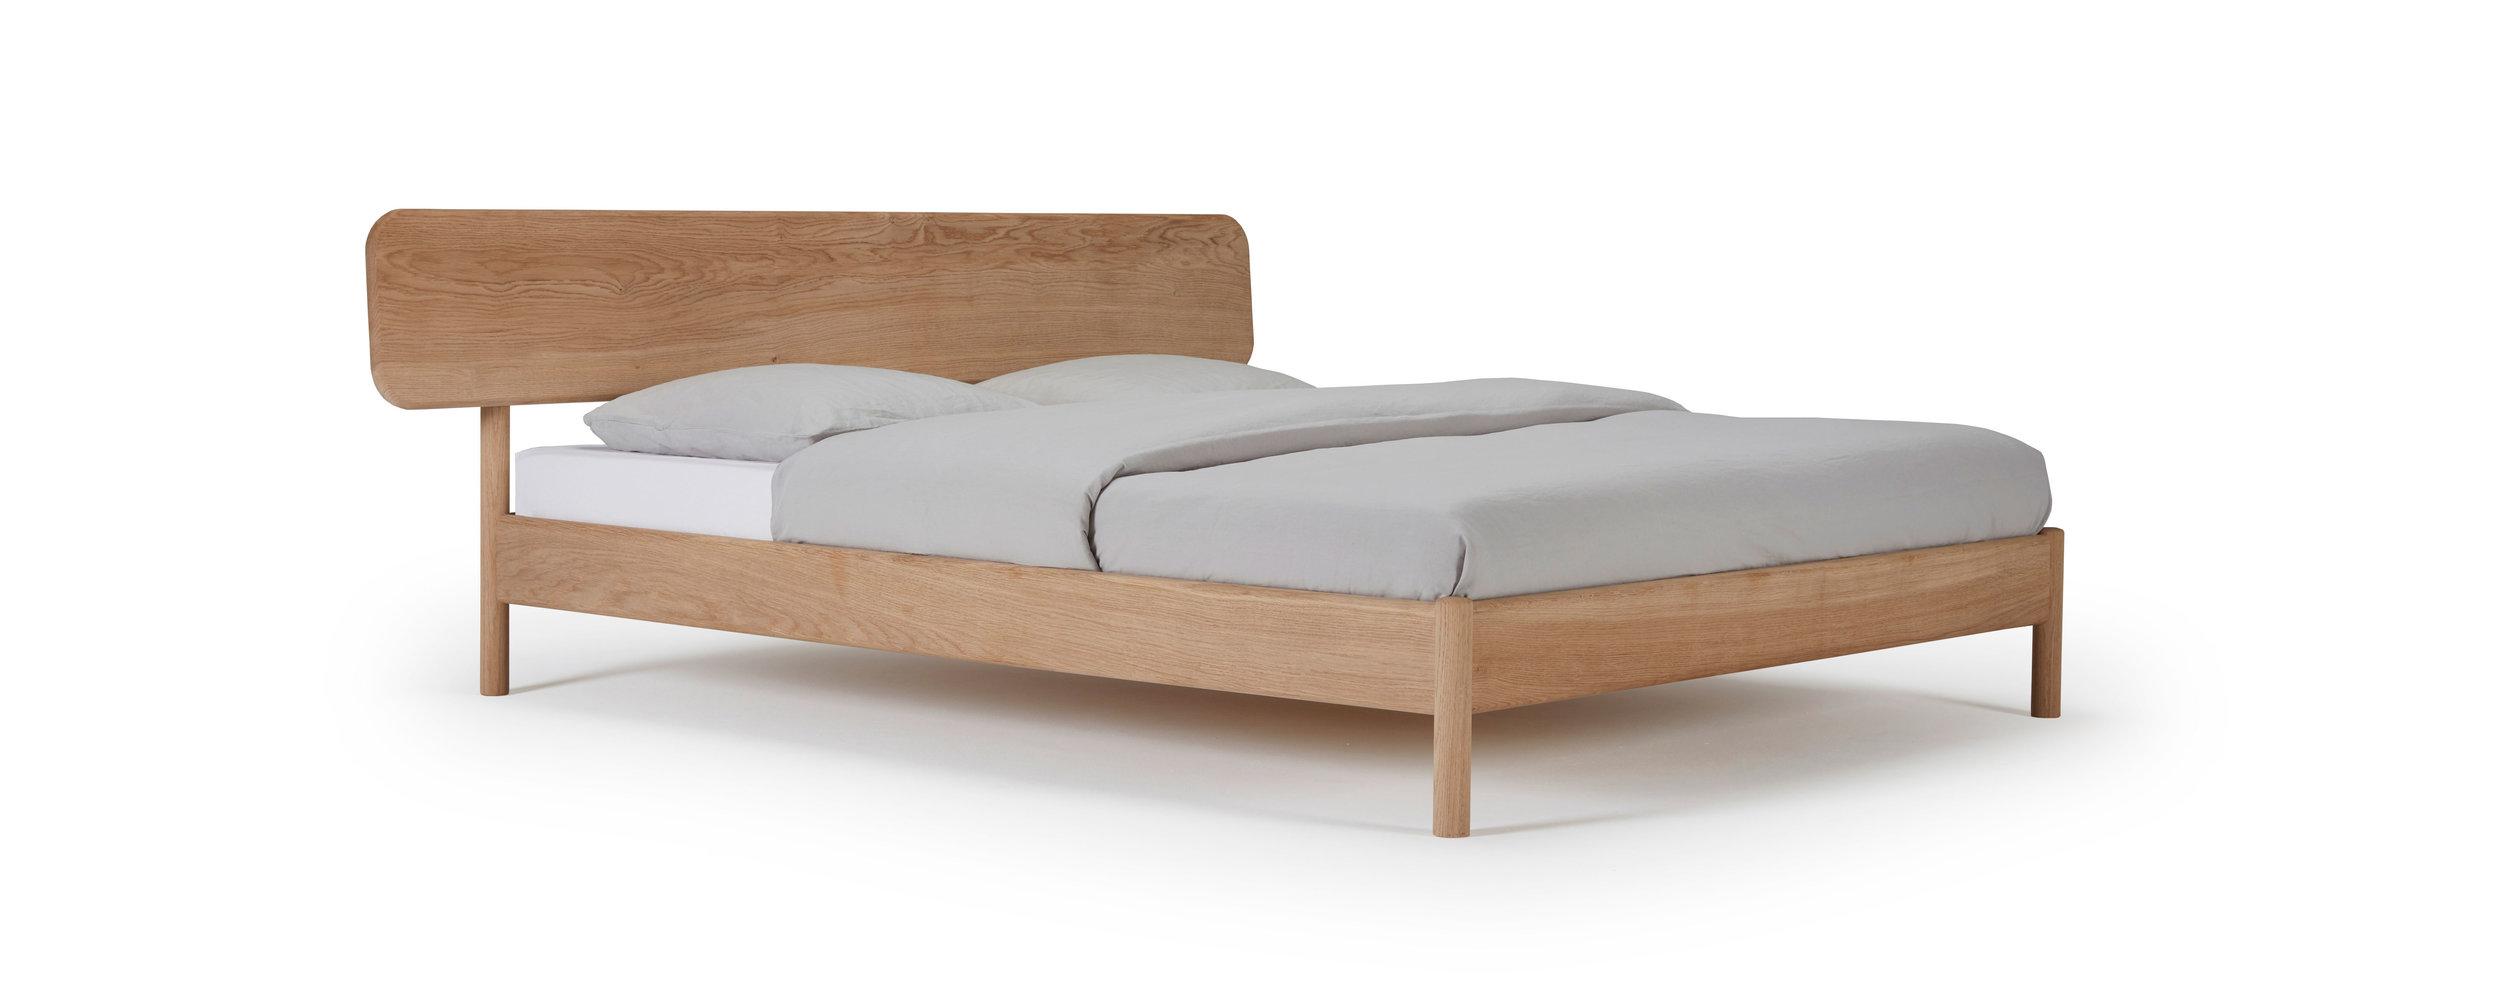 re-alken-bed-5.jpg